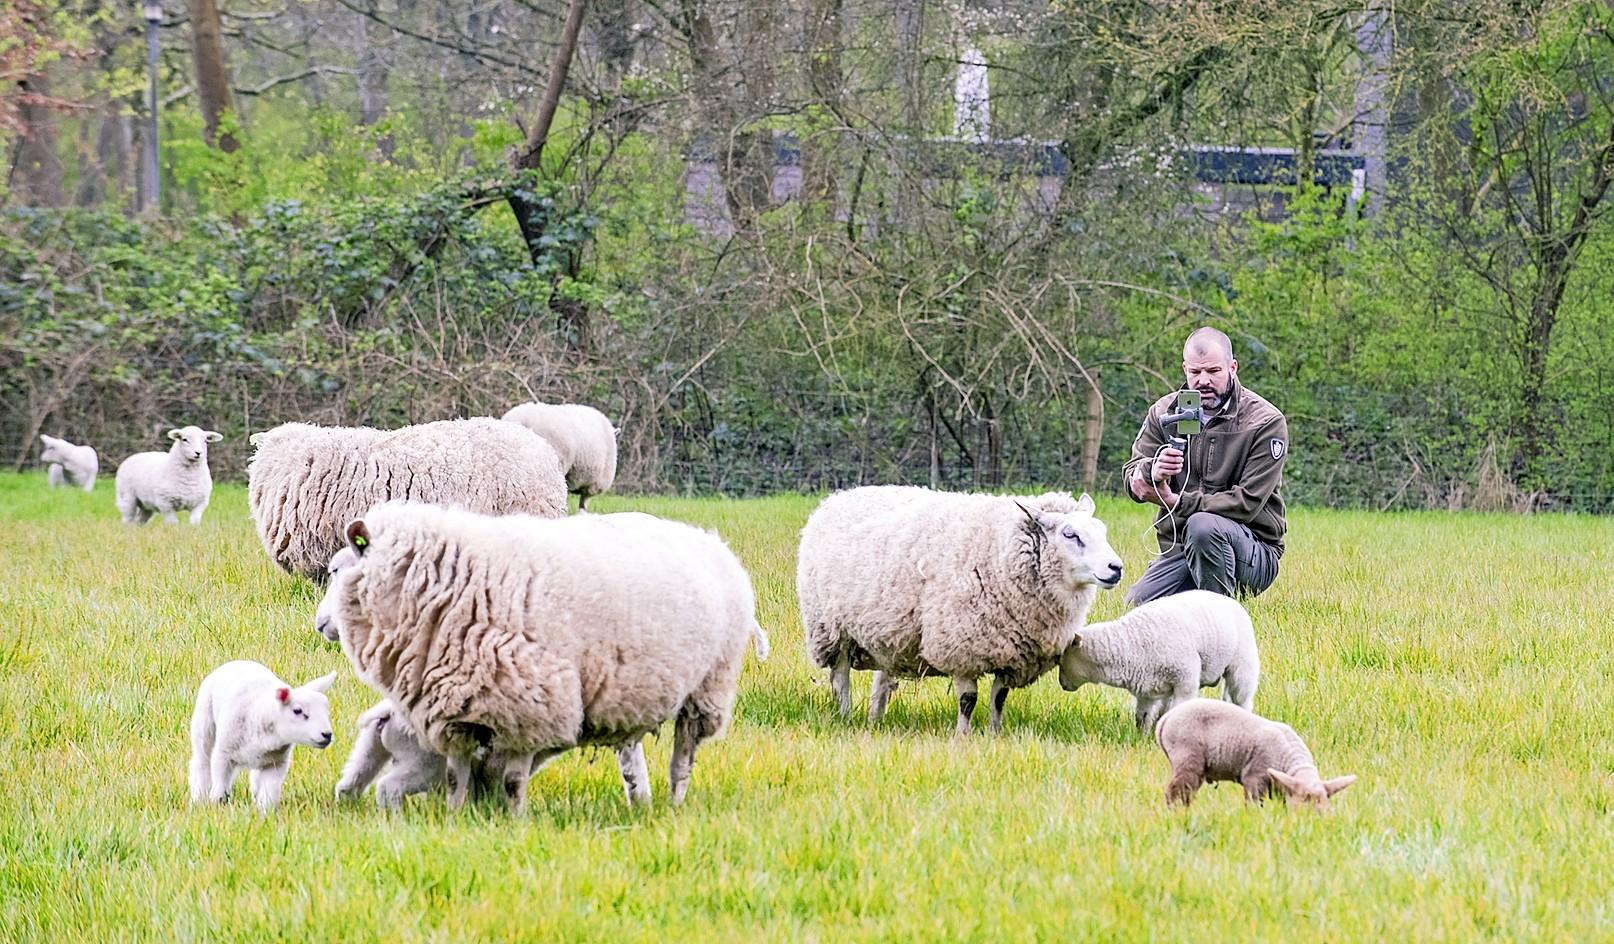 Boswachter Theo vlogt over de lammetjes op boerderij Zorgvrij in Velsen-Zuid. 'Ik wil de lente bij de mensen thuisbrengen' [video]